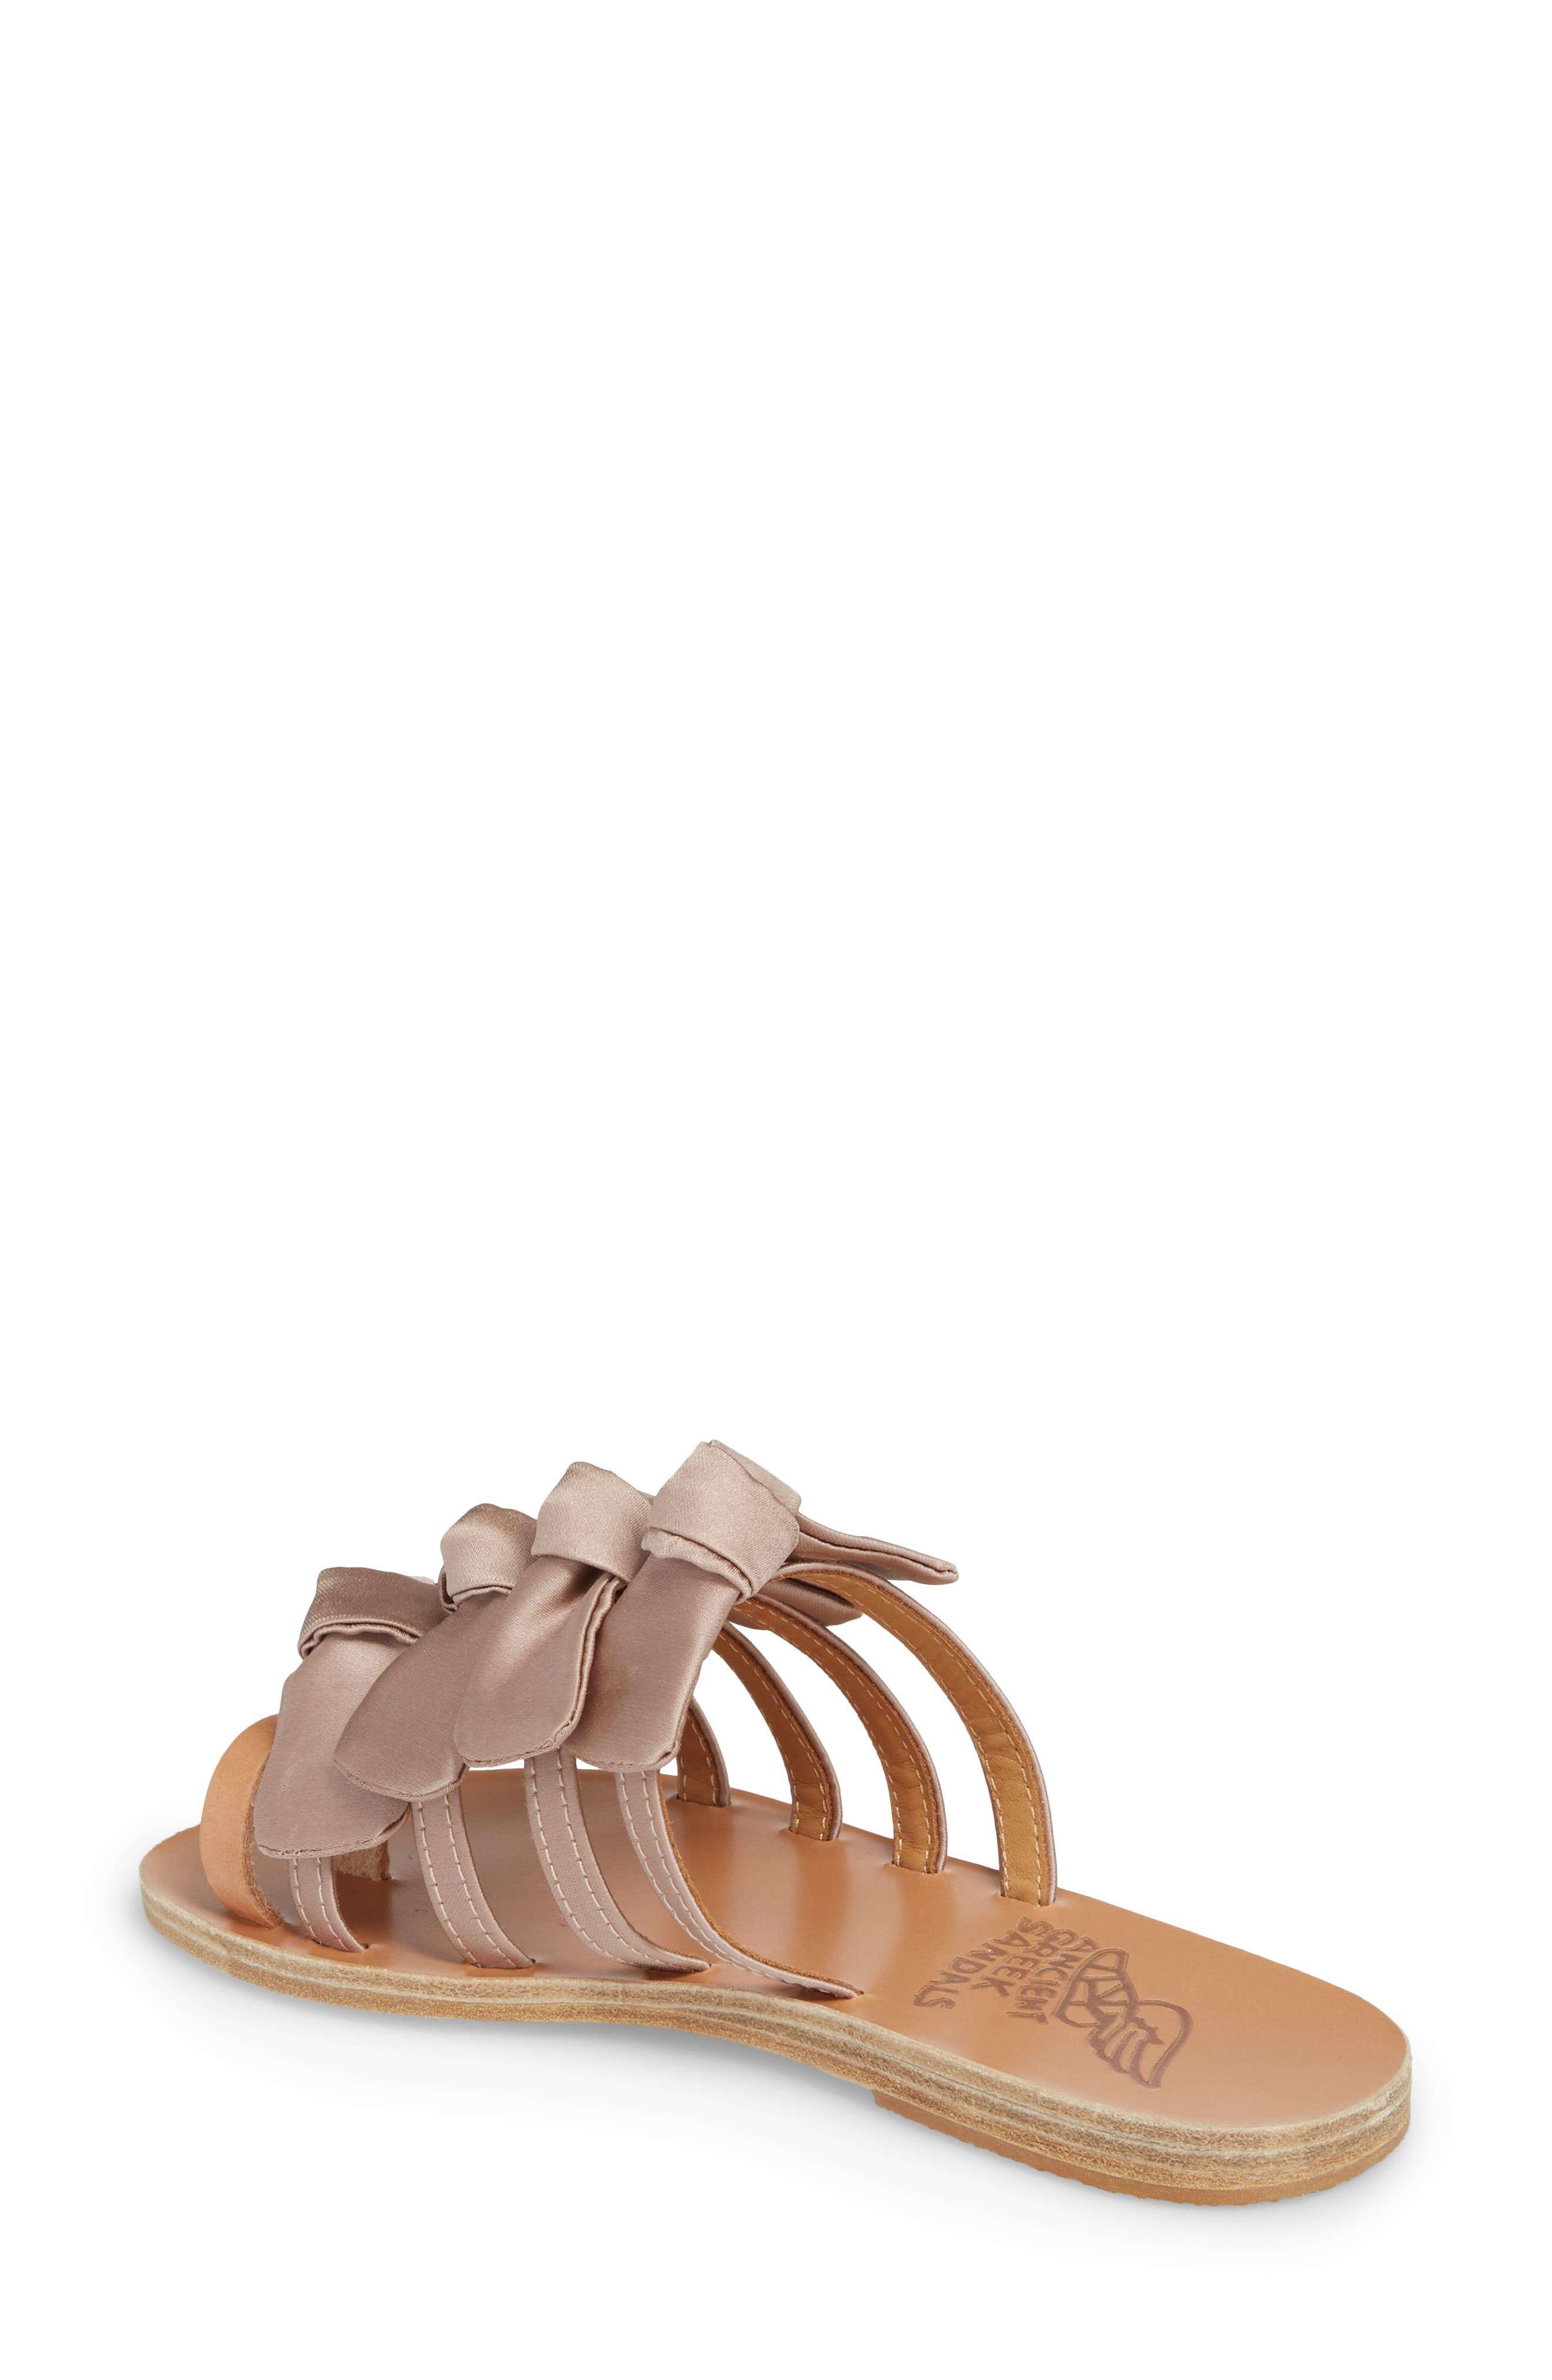 Hara Toe Loop Slide Sandal,                             Alternate thumbnail 2, color,                             Natural/ Lotus